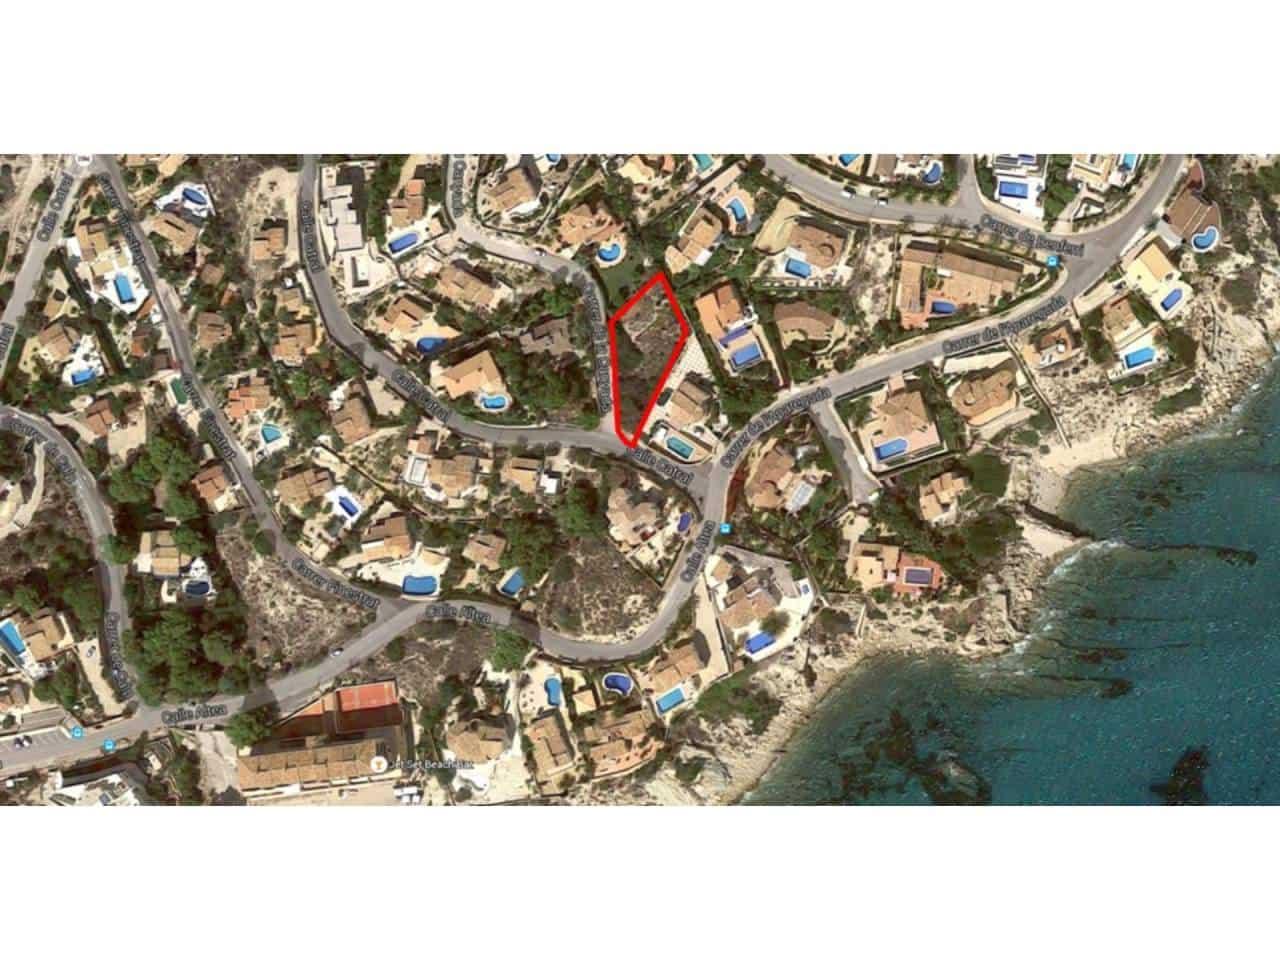 Terrain à Bâtir à vendre à El Campello - 250 000 € (Ref: 5032193)